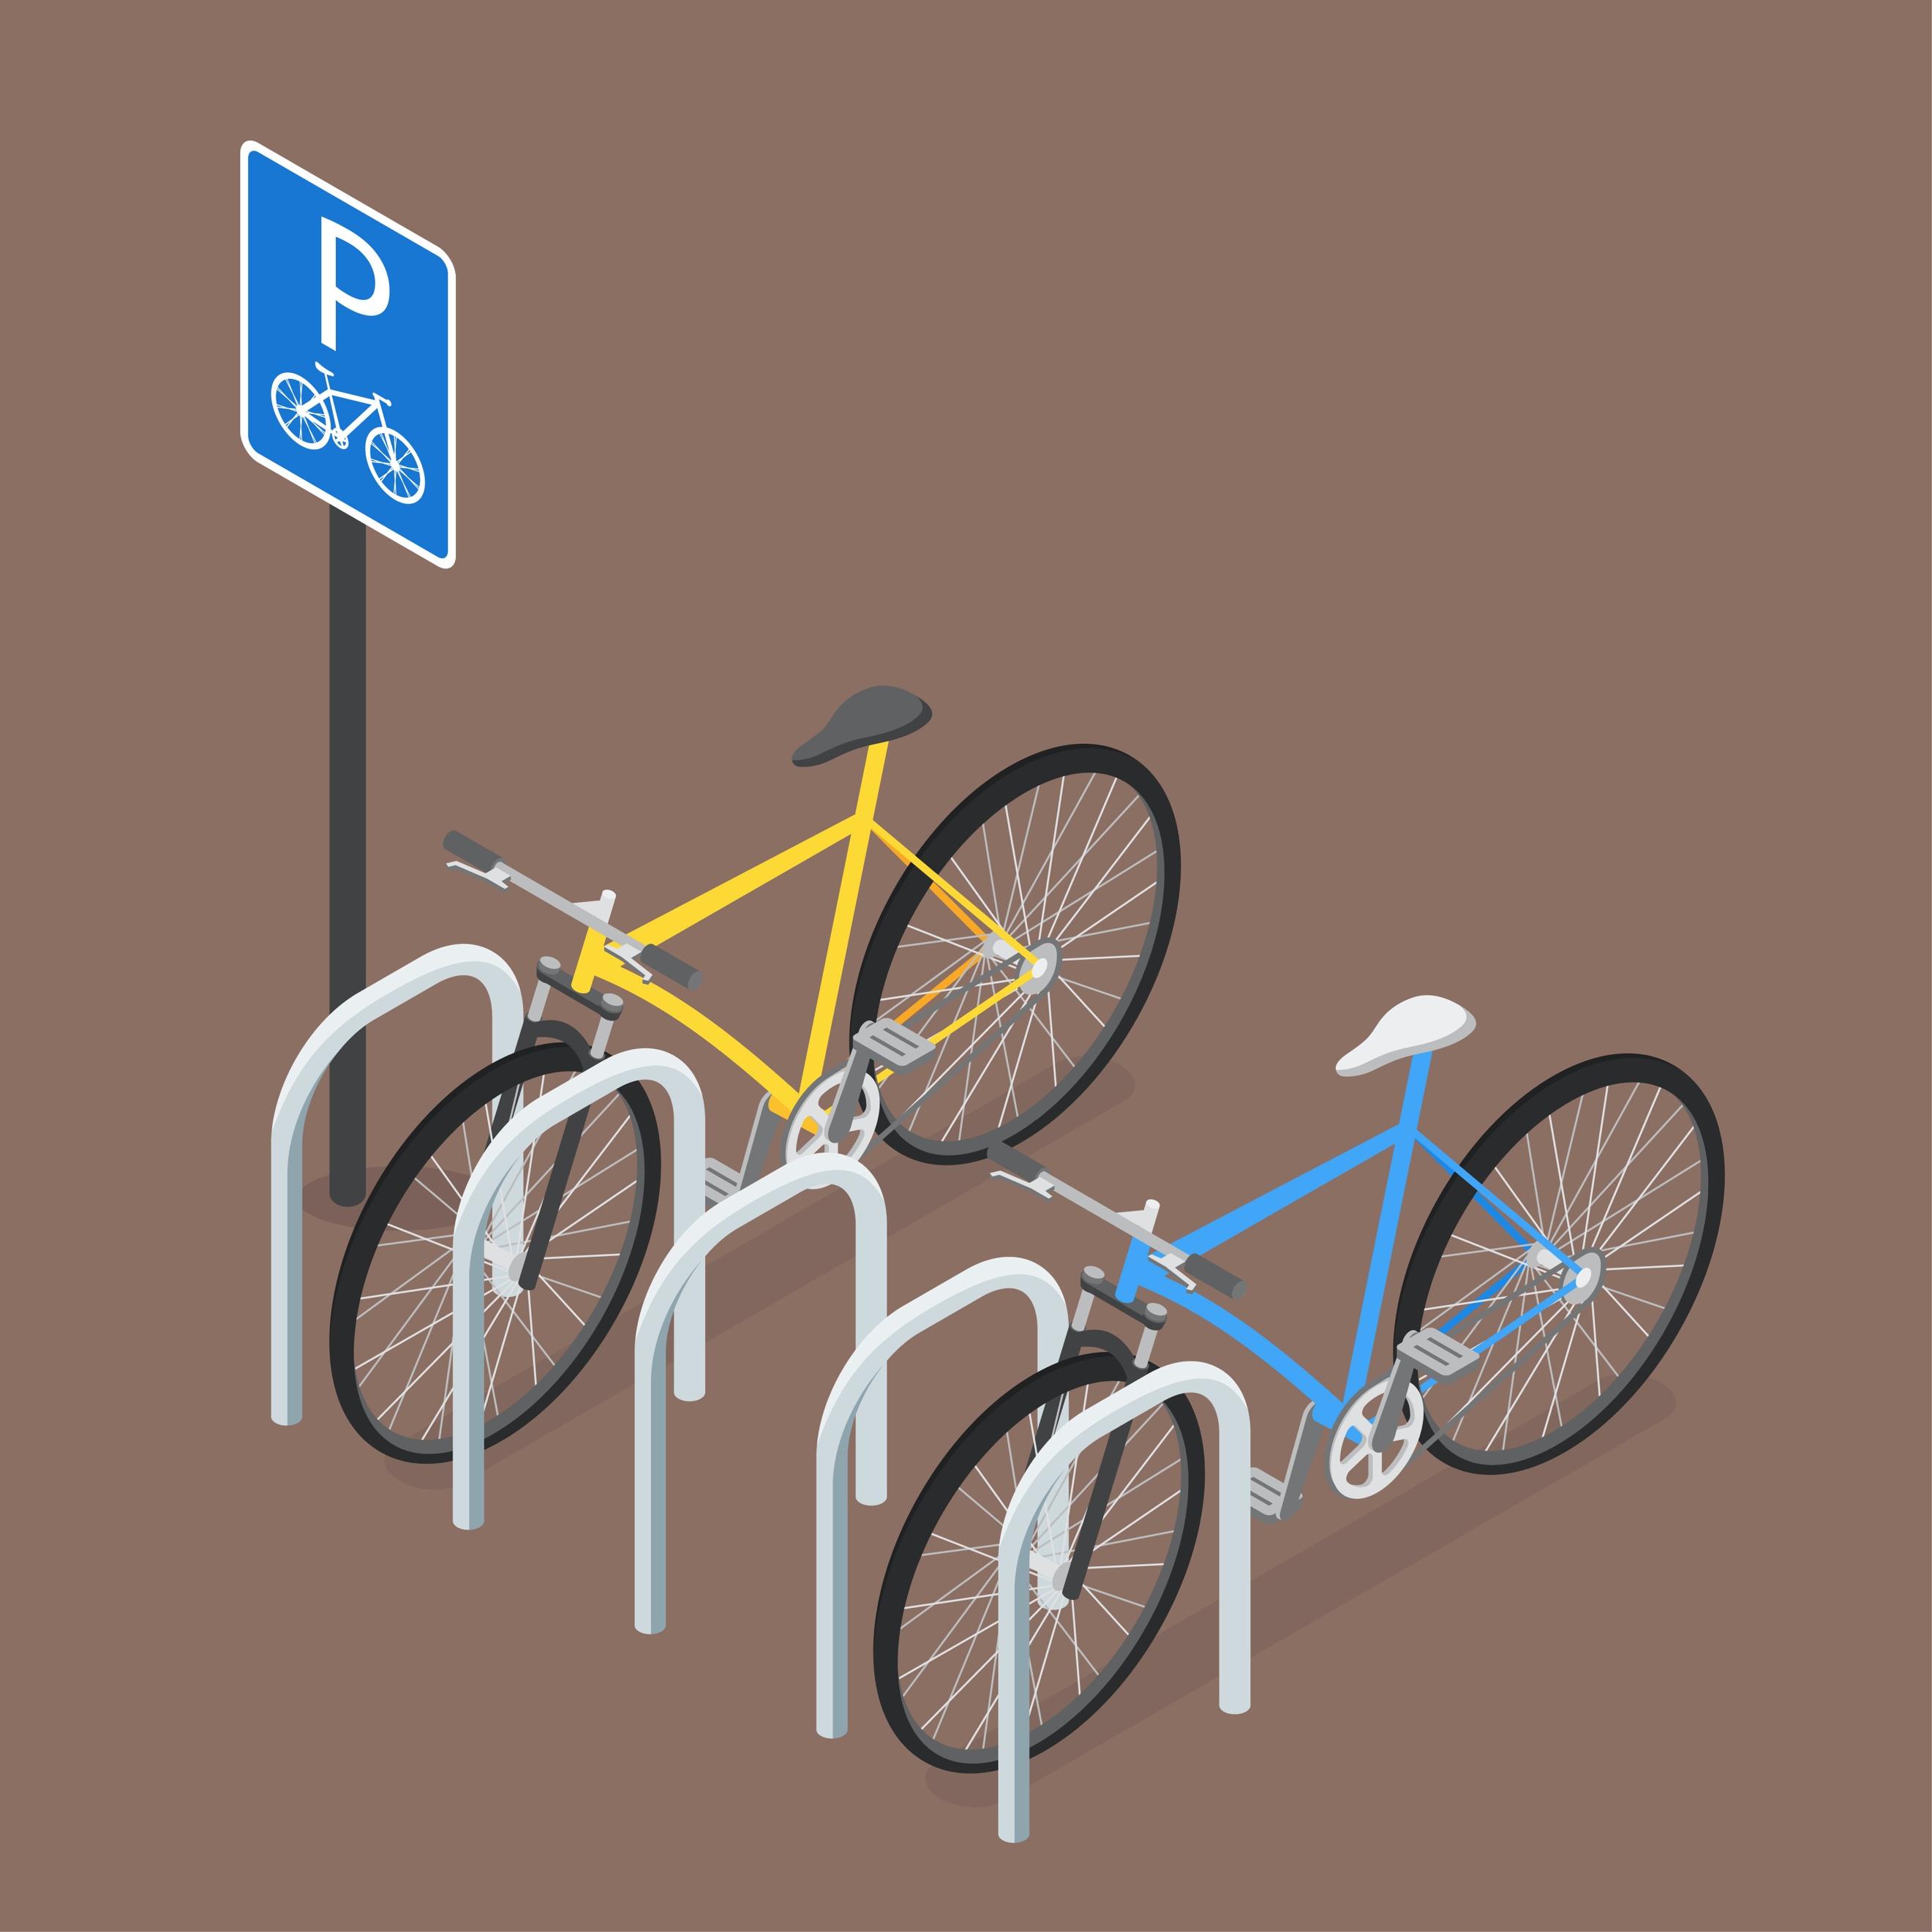 駐輪場に停めたスポーツタイプの自転車のイラスト